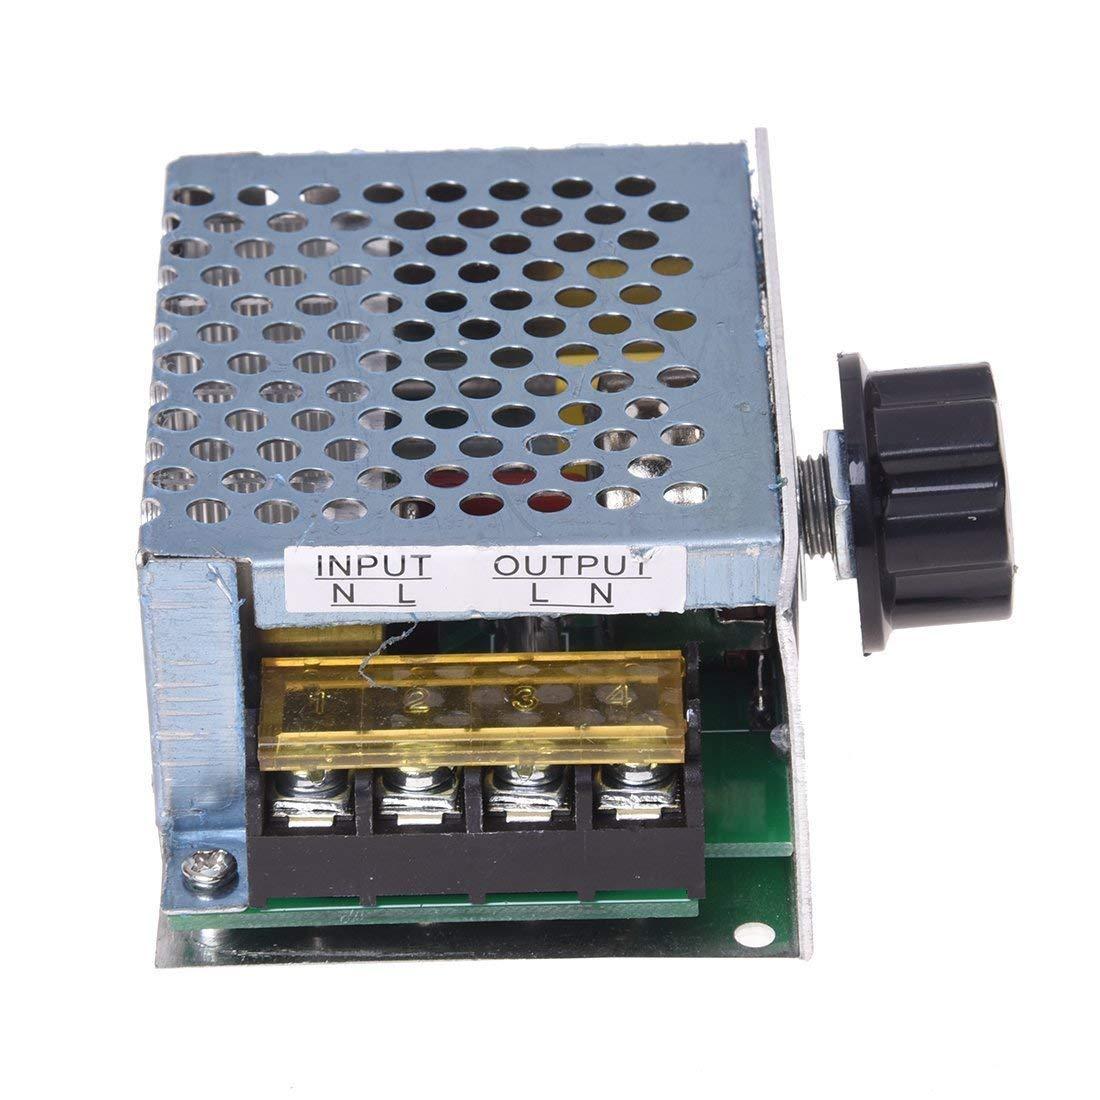 Foxby cordless trapano ad angolo retto adattatore 90 gradi adattatore per mandrino professionale Soild metallo mandrino adattatore mandrino Range//0.8-10 mm 8 mm hex shank trapano elettrico